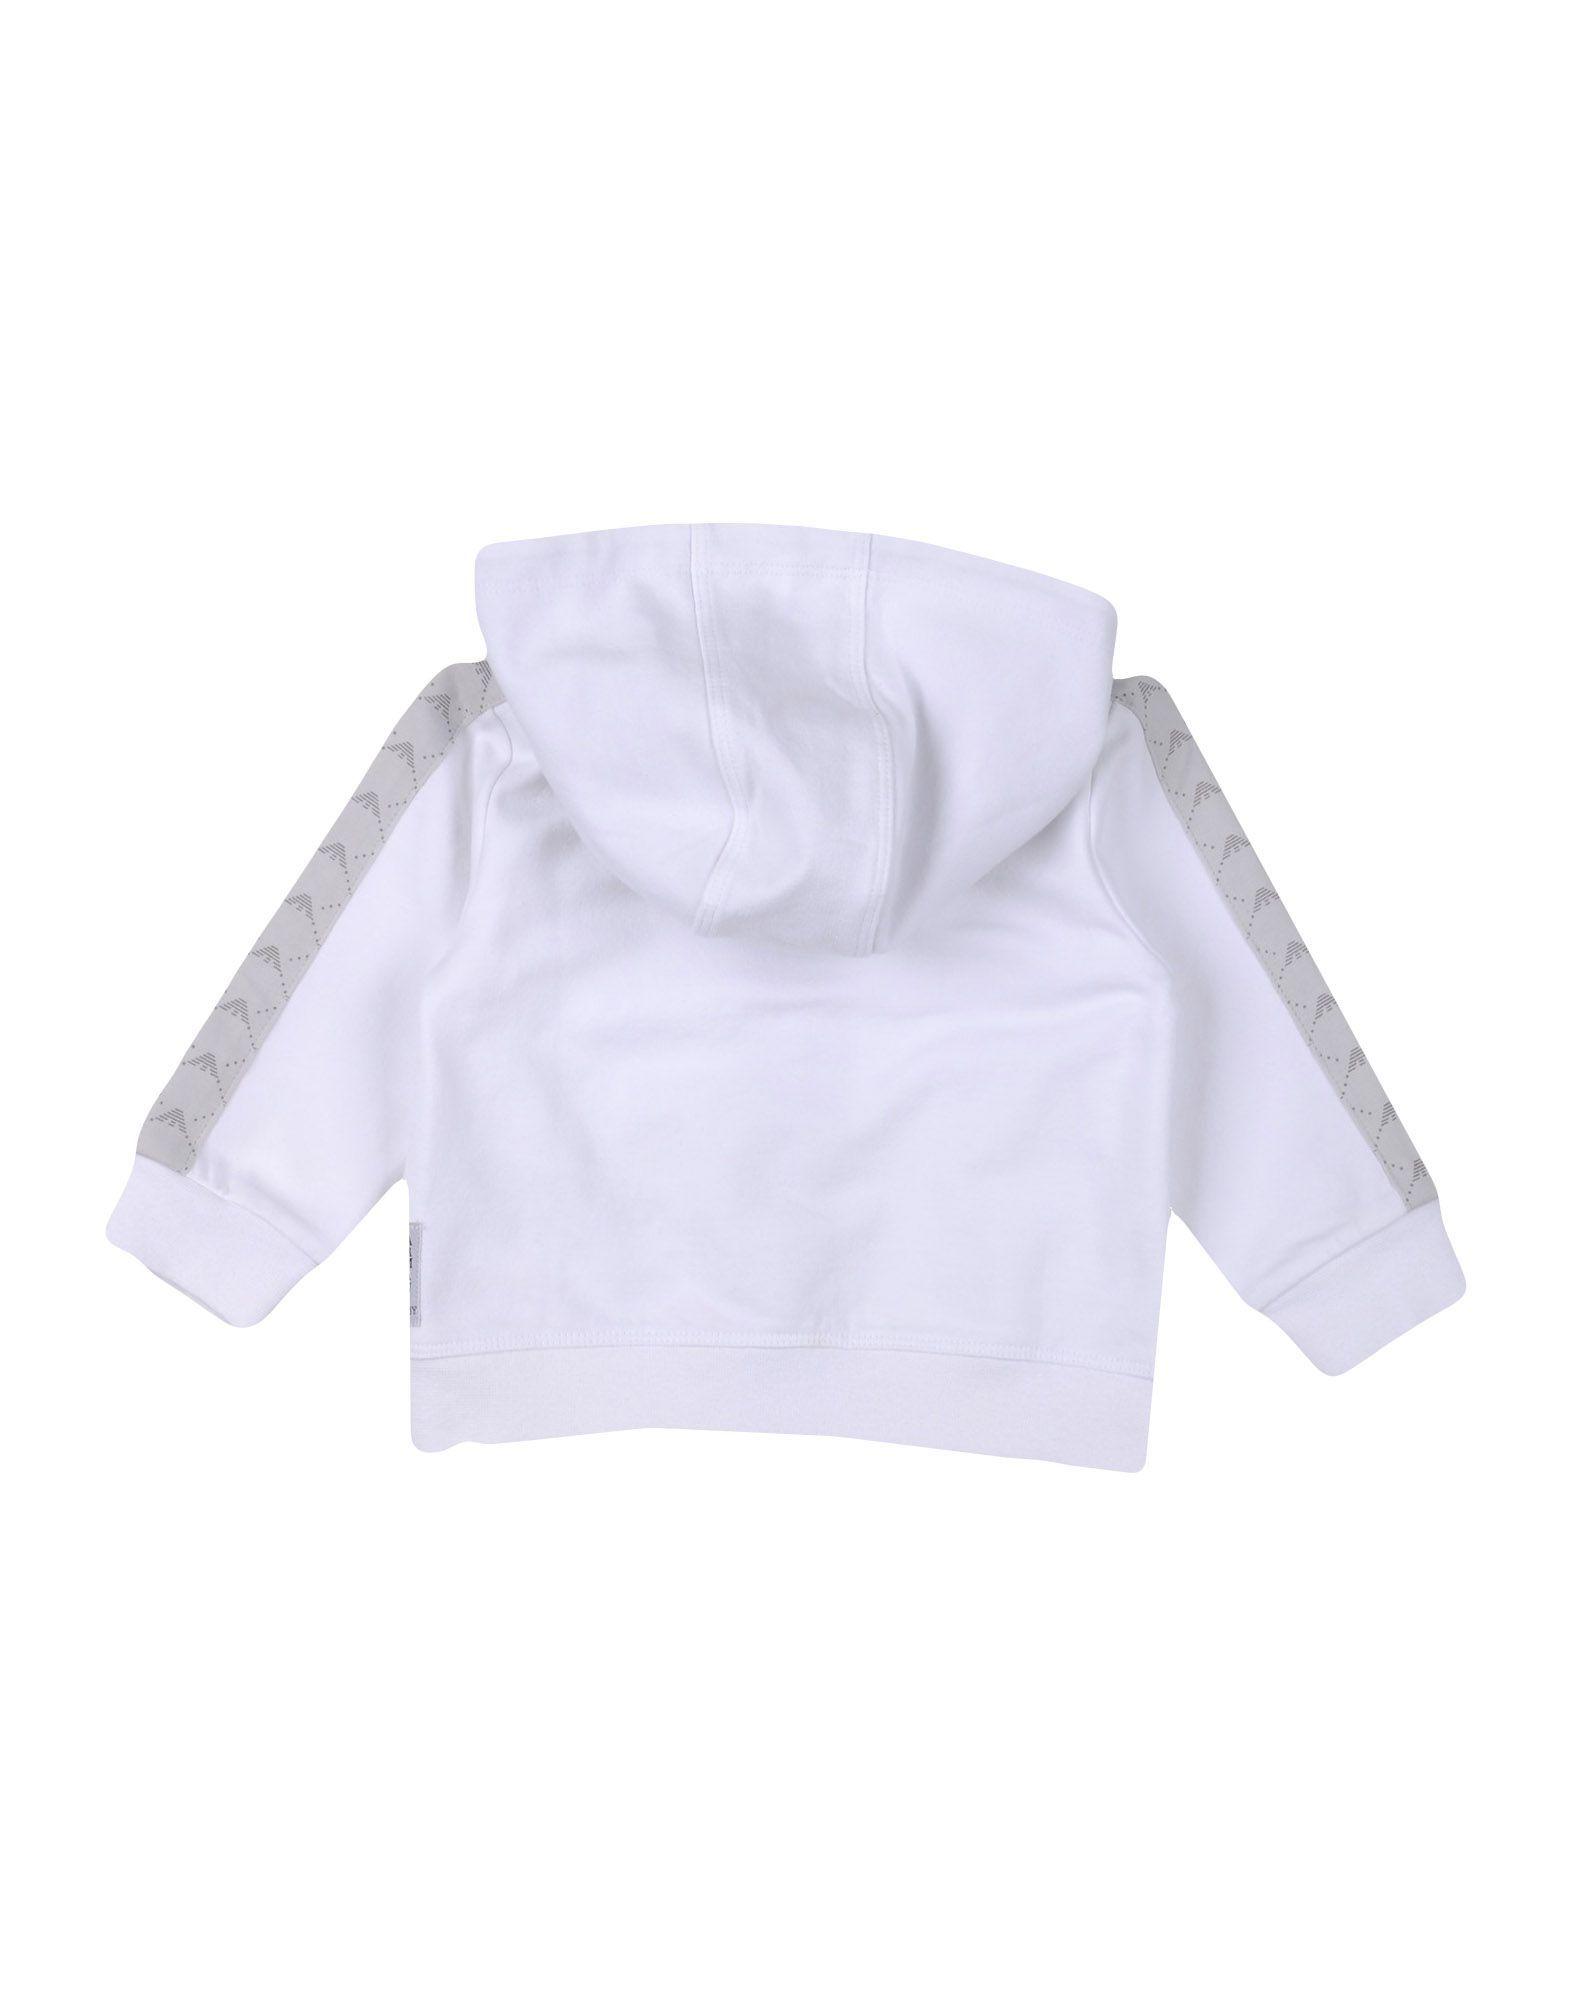 TOPWEAR Armani Junior White Boy Cotton